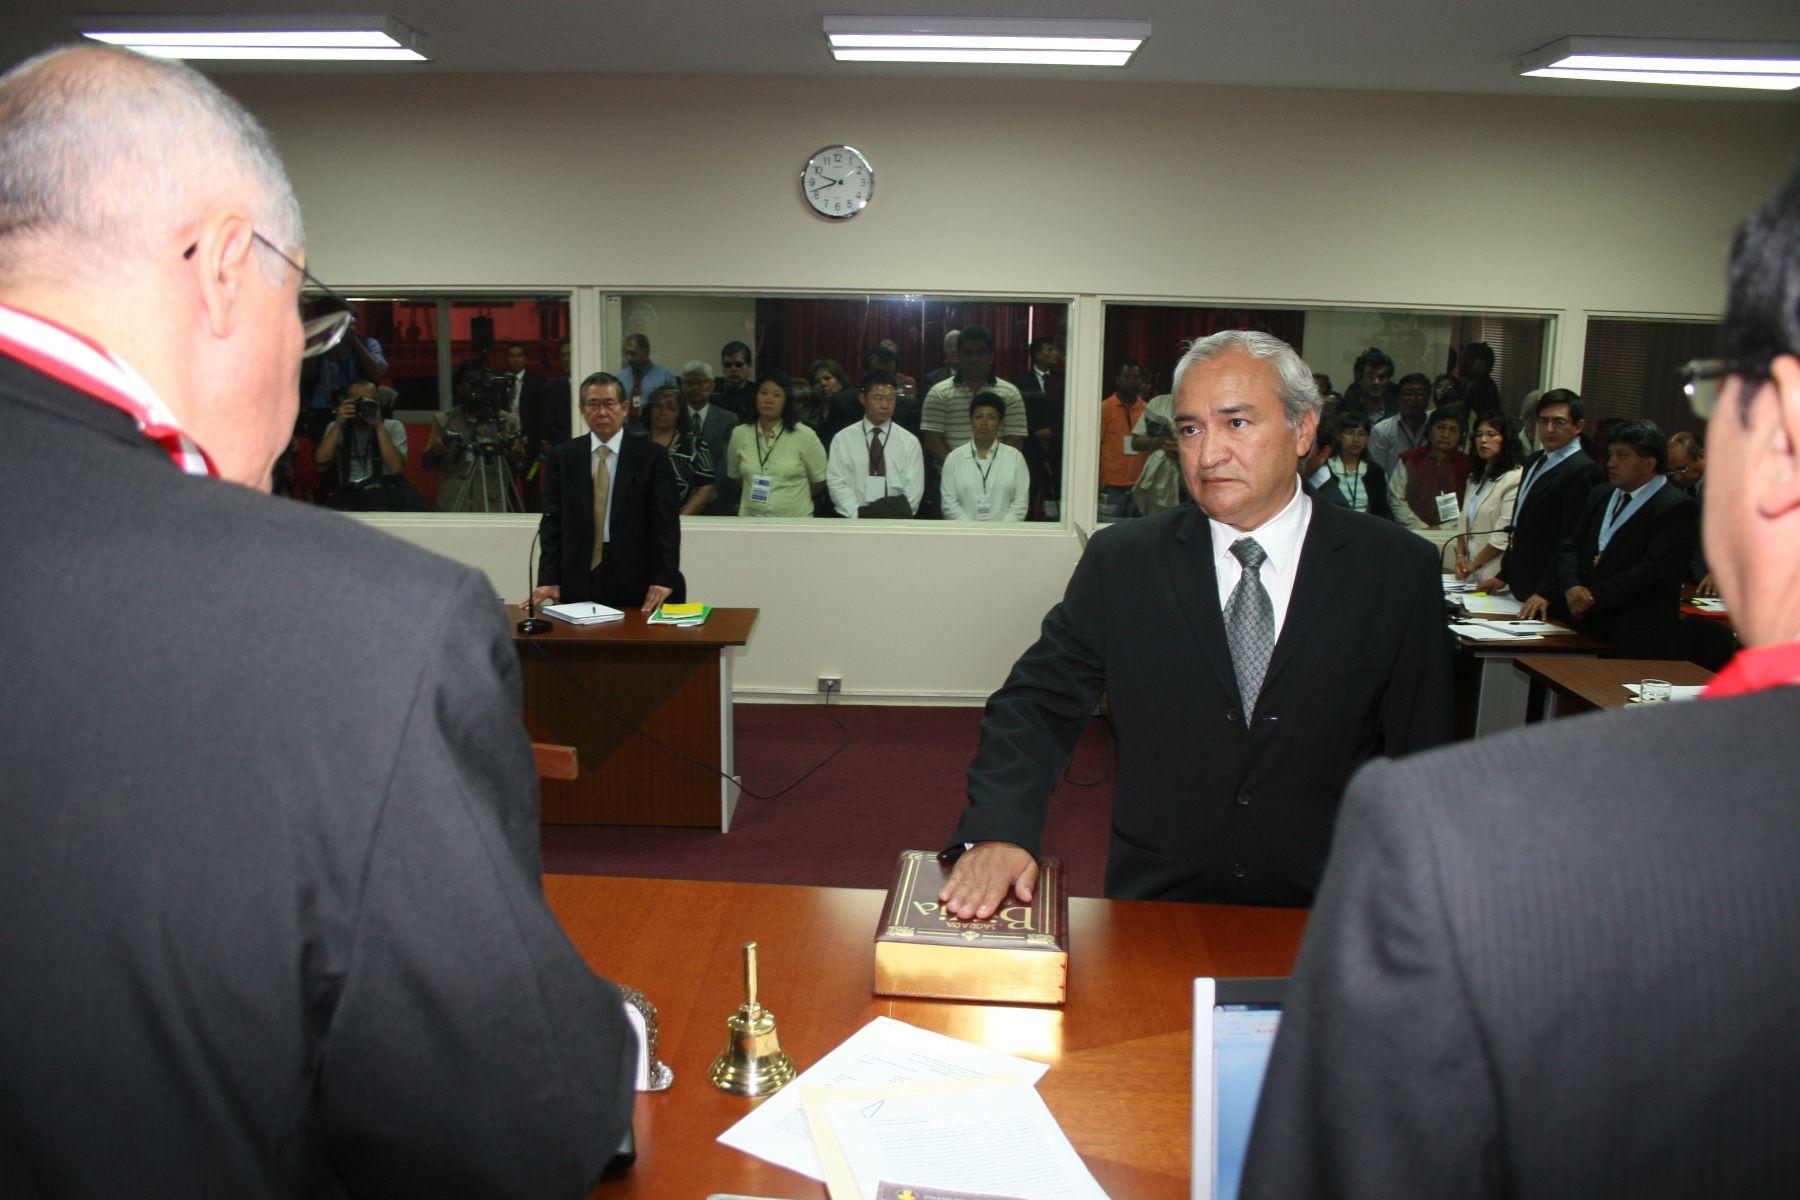 Samuel Dyer rindió manifestación, en juicio de ex presidente Alberto Fujimori. Foto: ANDINA/Pj